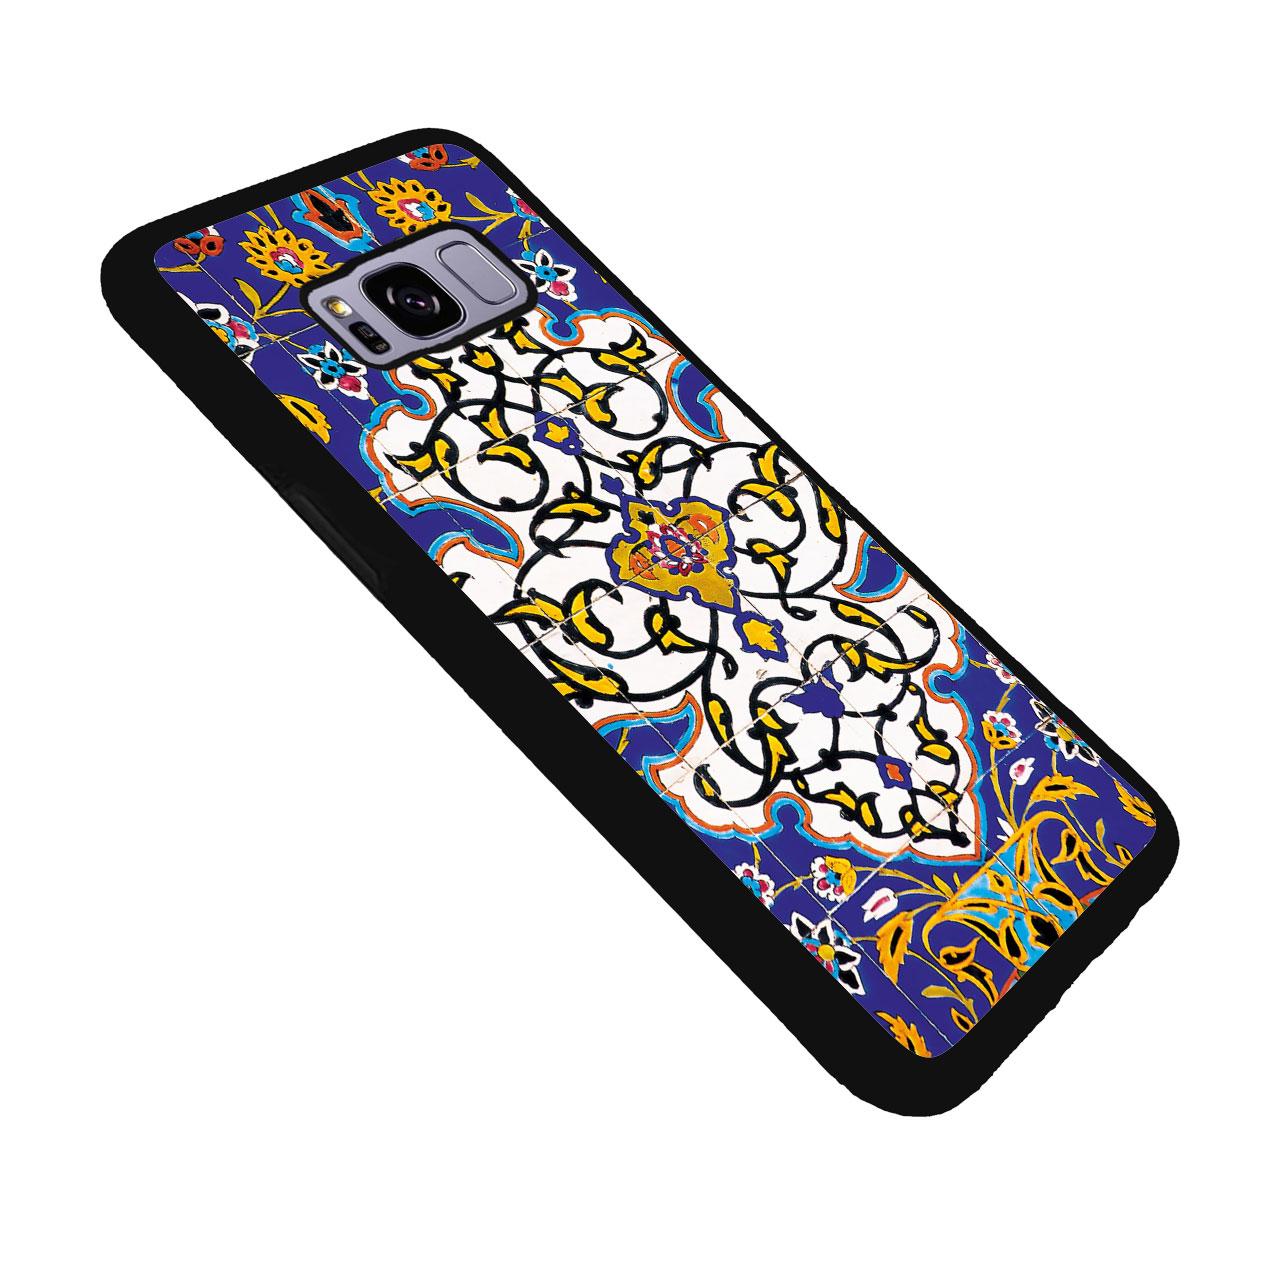 کاور زیزیپ مدل 127G - 2d مناسب برای گوشی موبایل سامسونگ galaxy s8